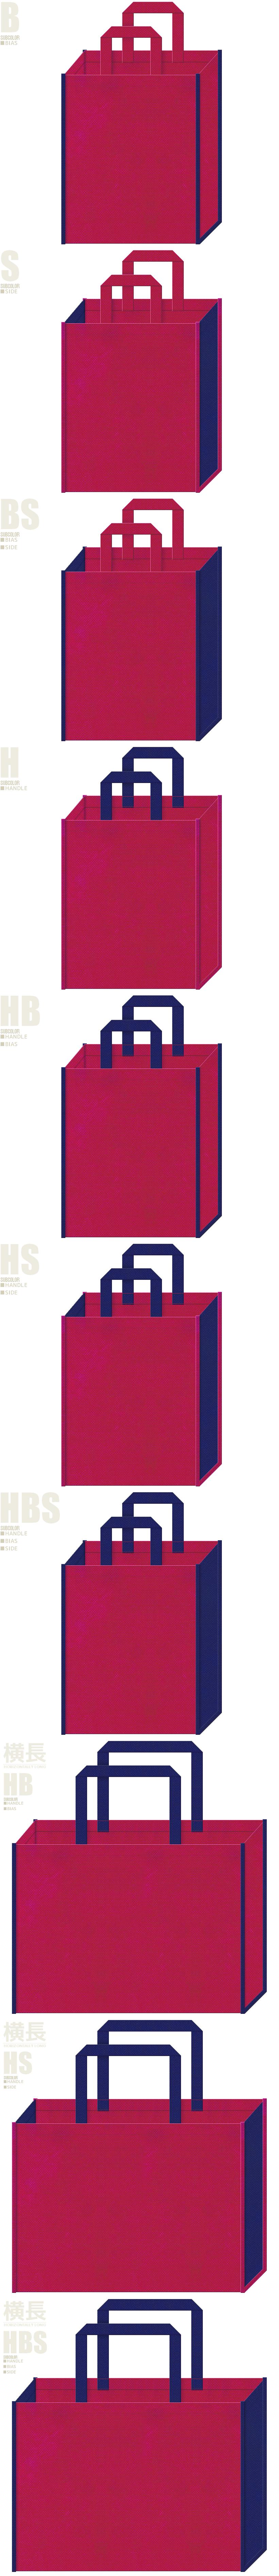 夏祭り・夏浴衣・法被・レッスンバッグ・サマーイベント・女子スポーツにお奨めの不織布バッグデザイン:濃いピンク色と明るい紺色の配色7パターン